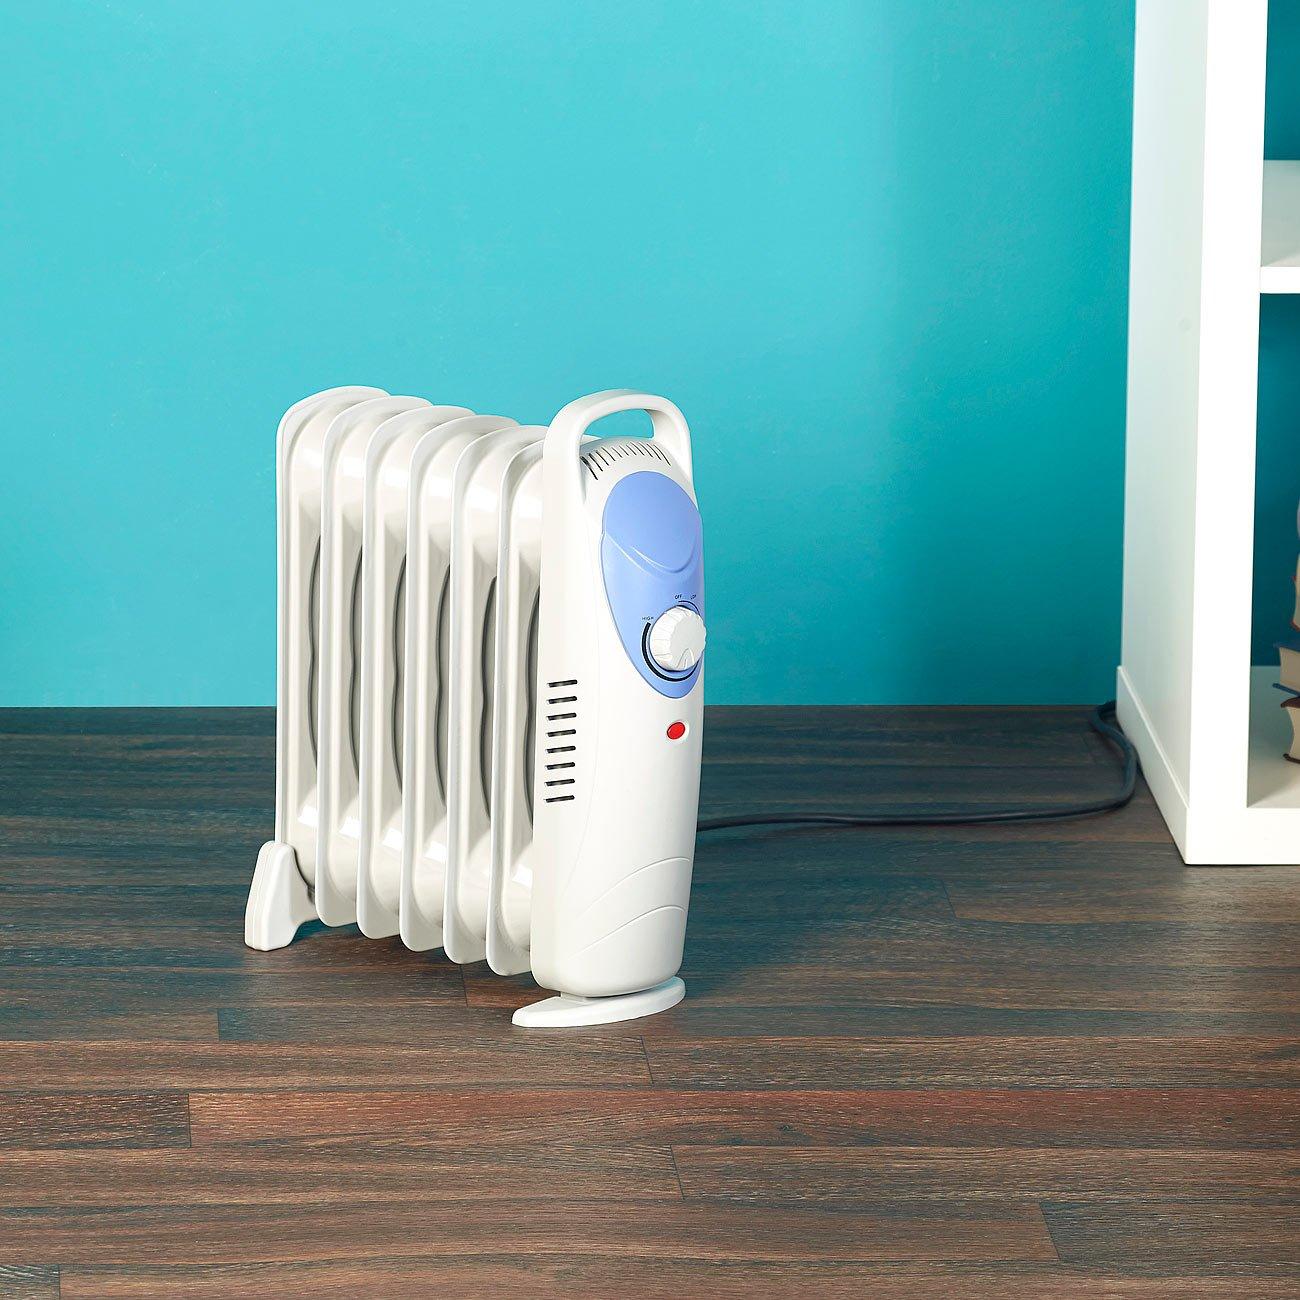 Sichler haushaltsgeräte Sichler aceite-radiador con 7 costillas y termostato, 800 vatios: Amazon.es: Bricolaje y herramientas